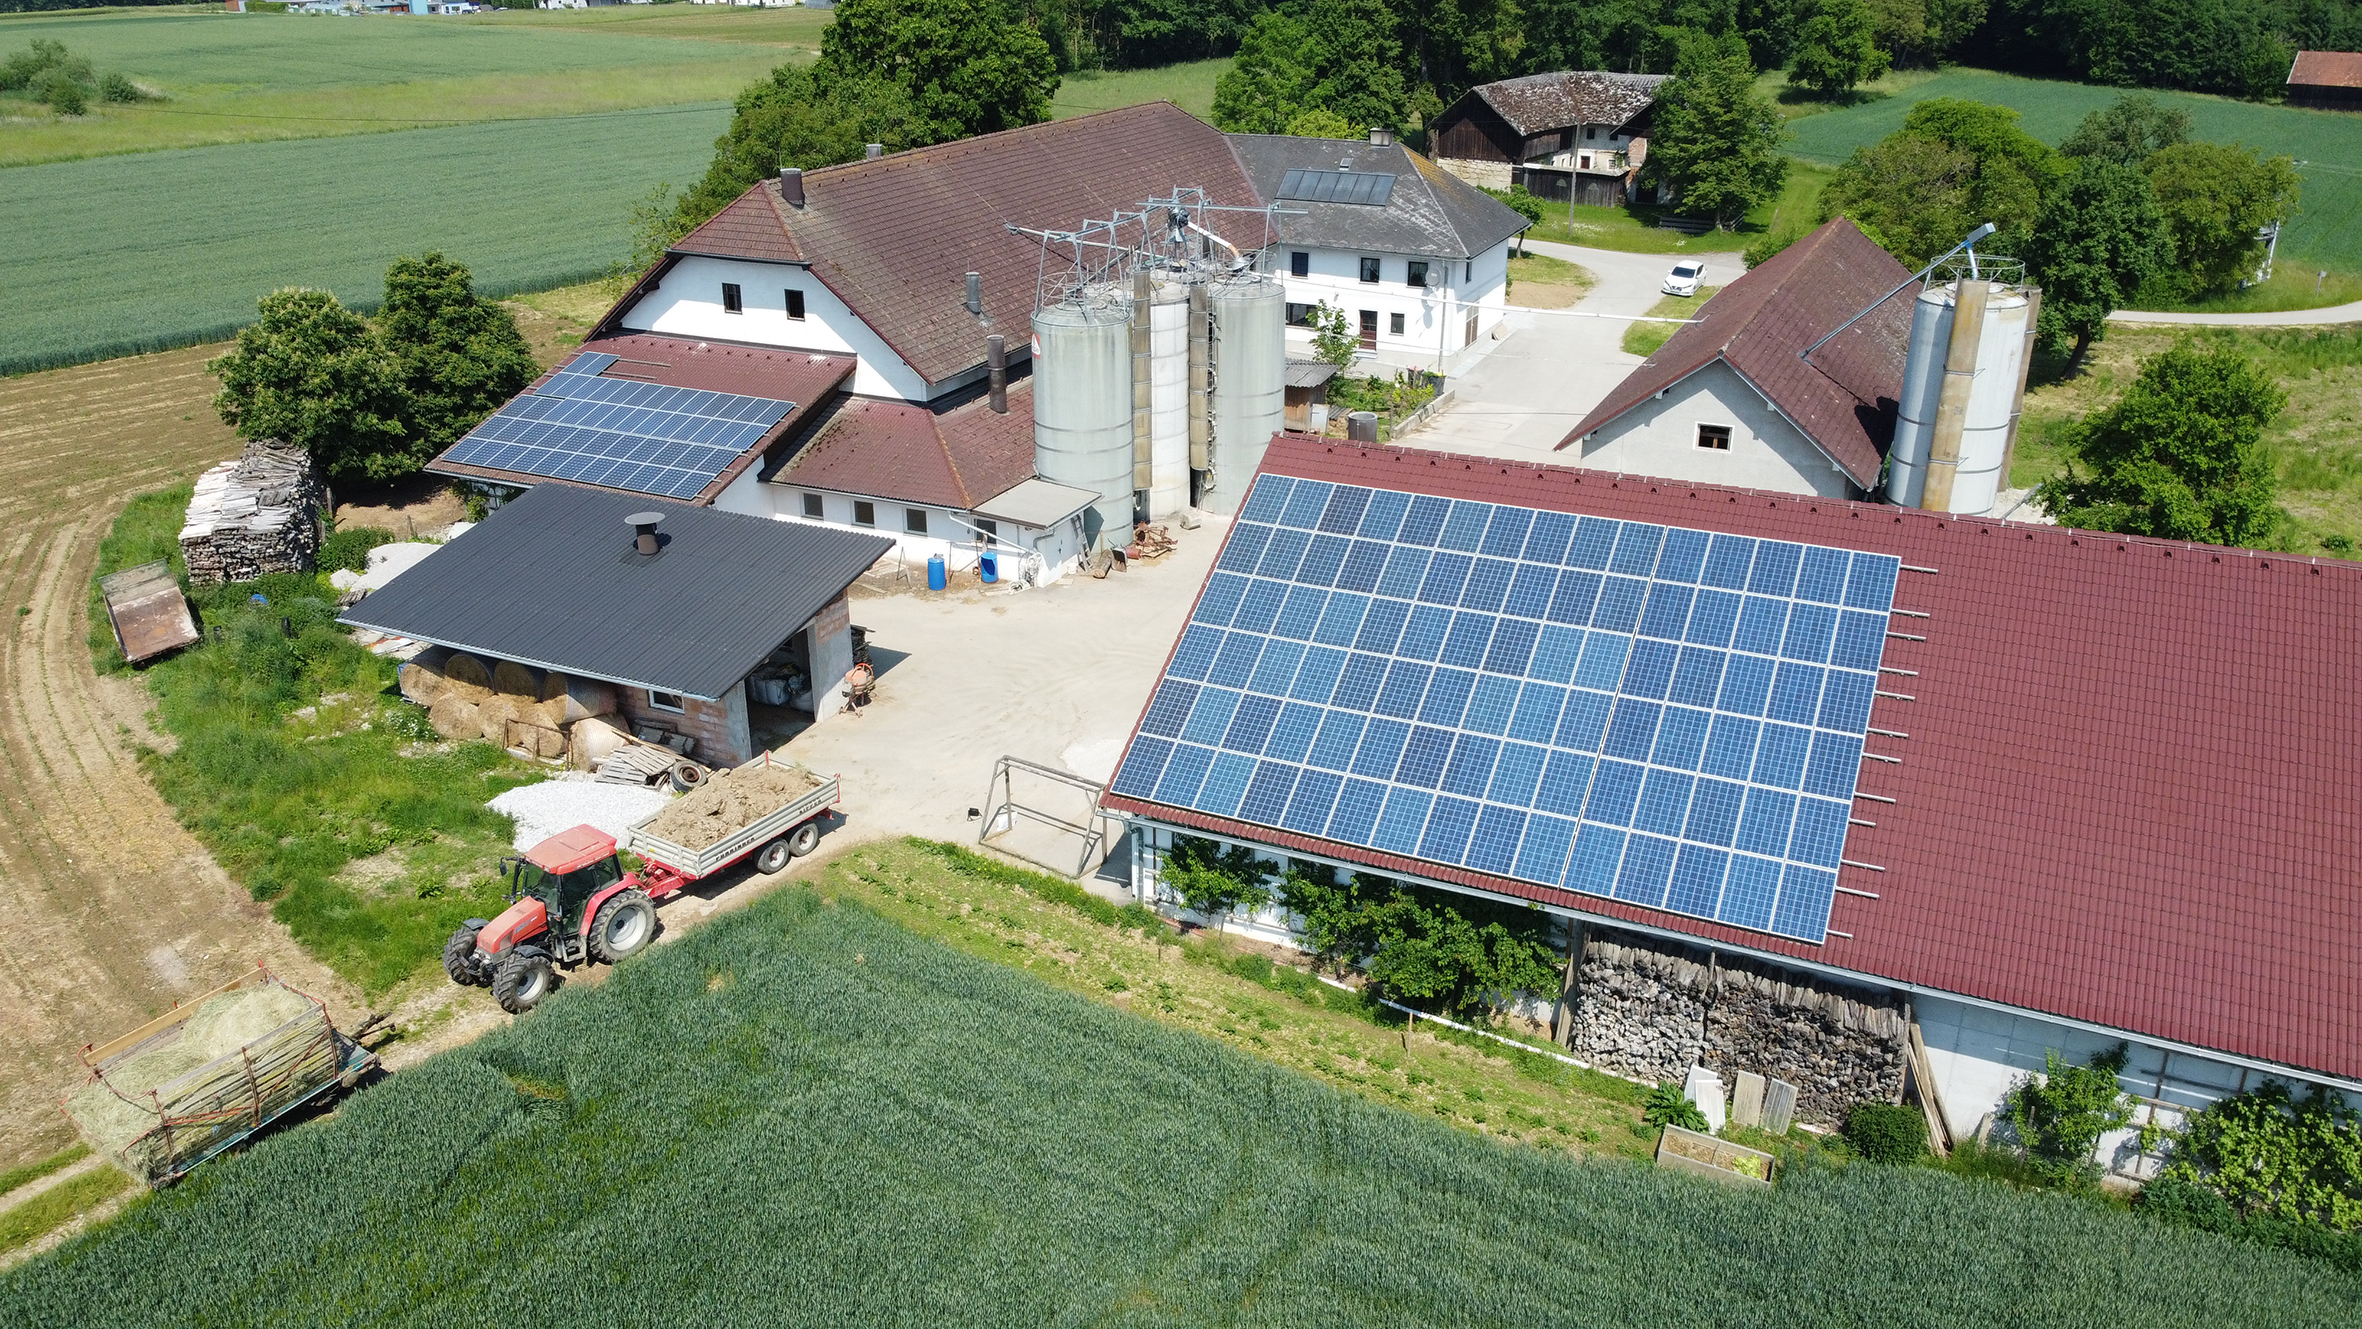 Kosten einsparen mit my-PV: ein landwirtschaftlicher Betrieb aus Oberösterreich wird künftig seinen Eigenverbrauch mit my-PV-Produkten erhöhen.